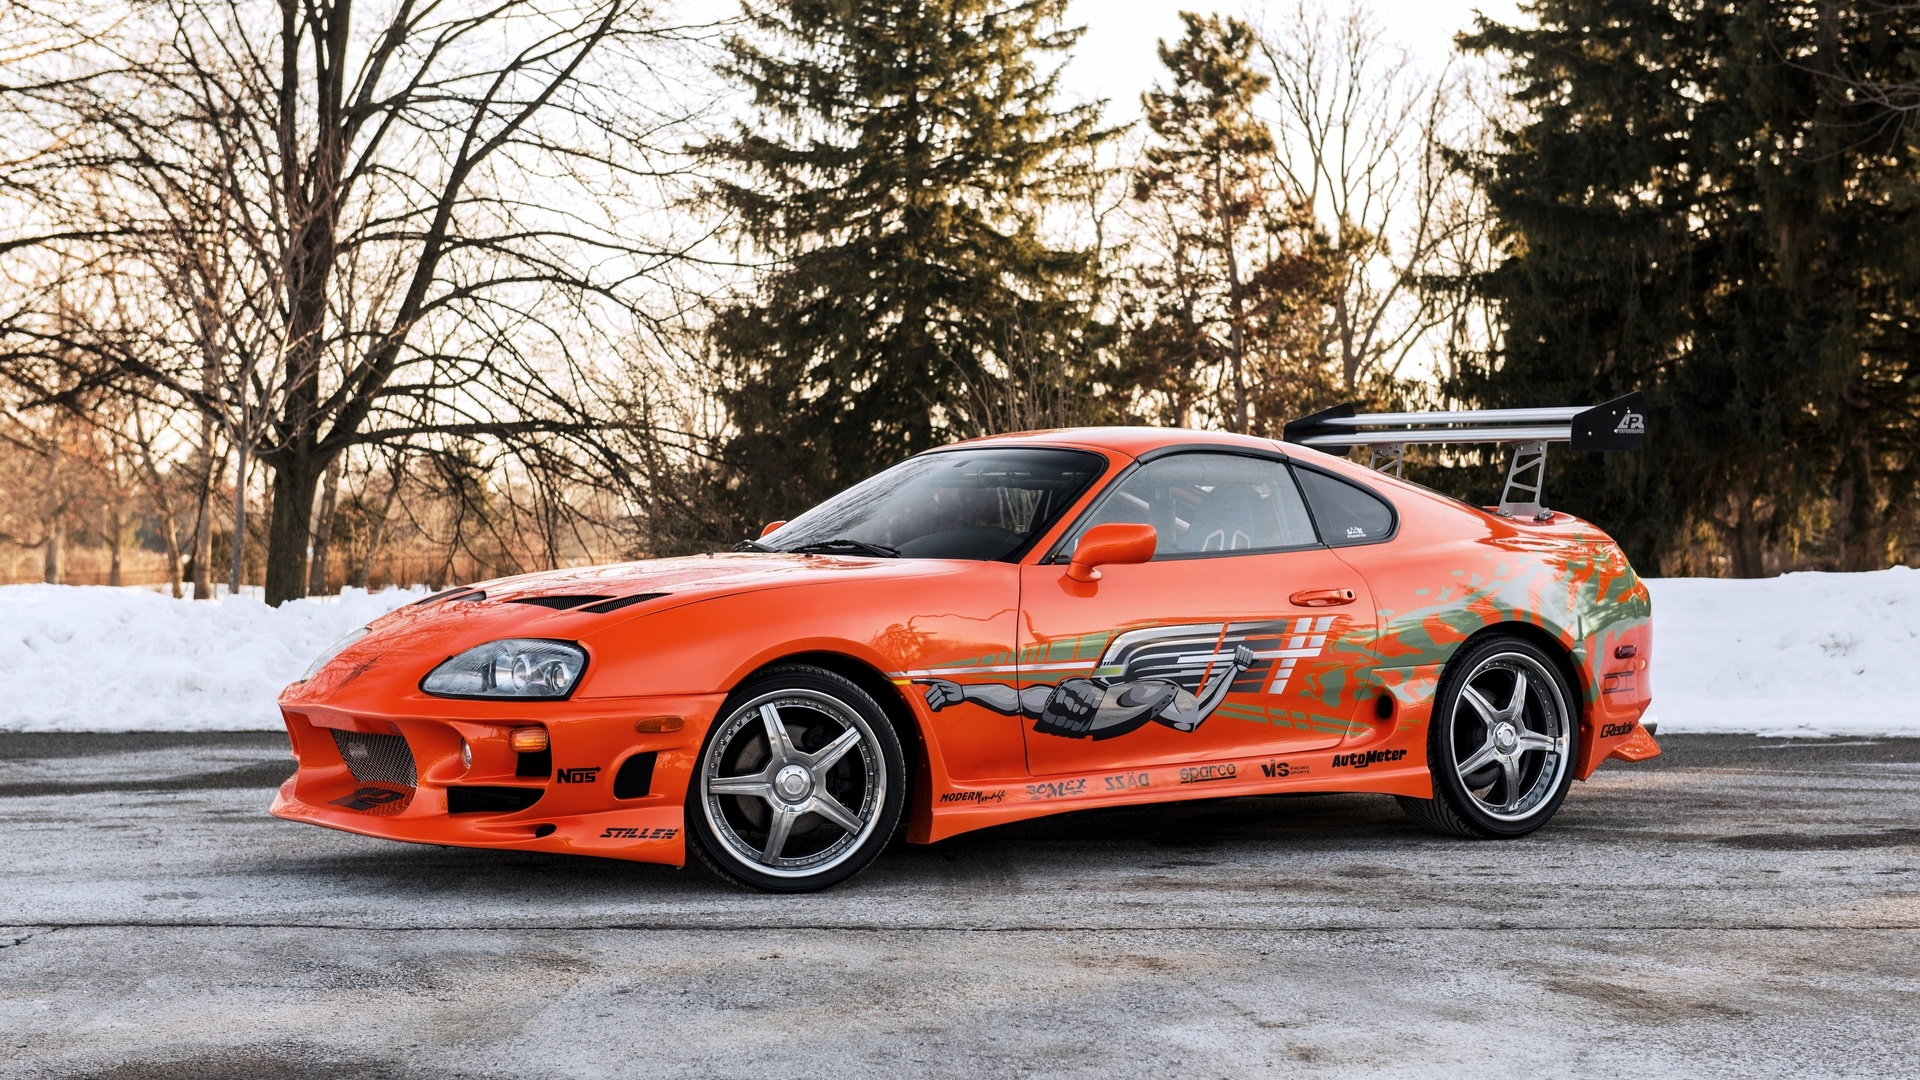 тюнинг, toyota, 2001, supra, the fast and the furious, оранжевый, сбоку